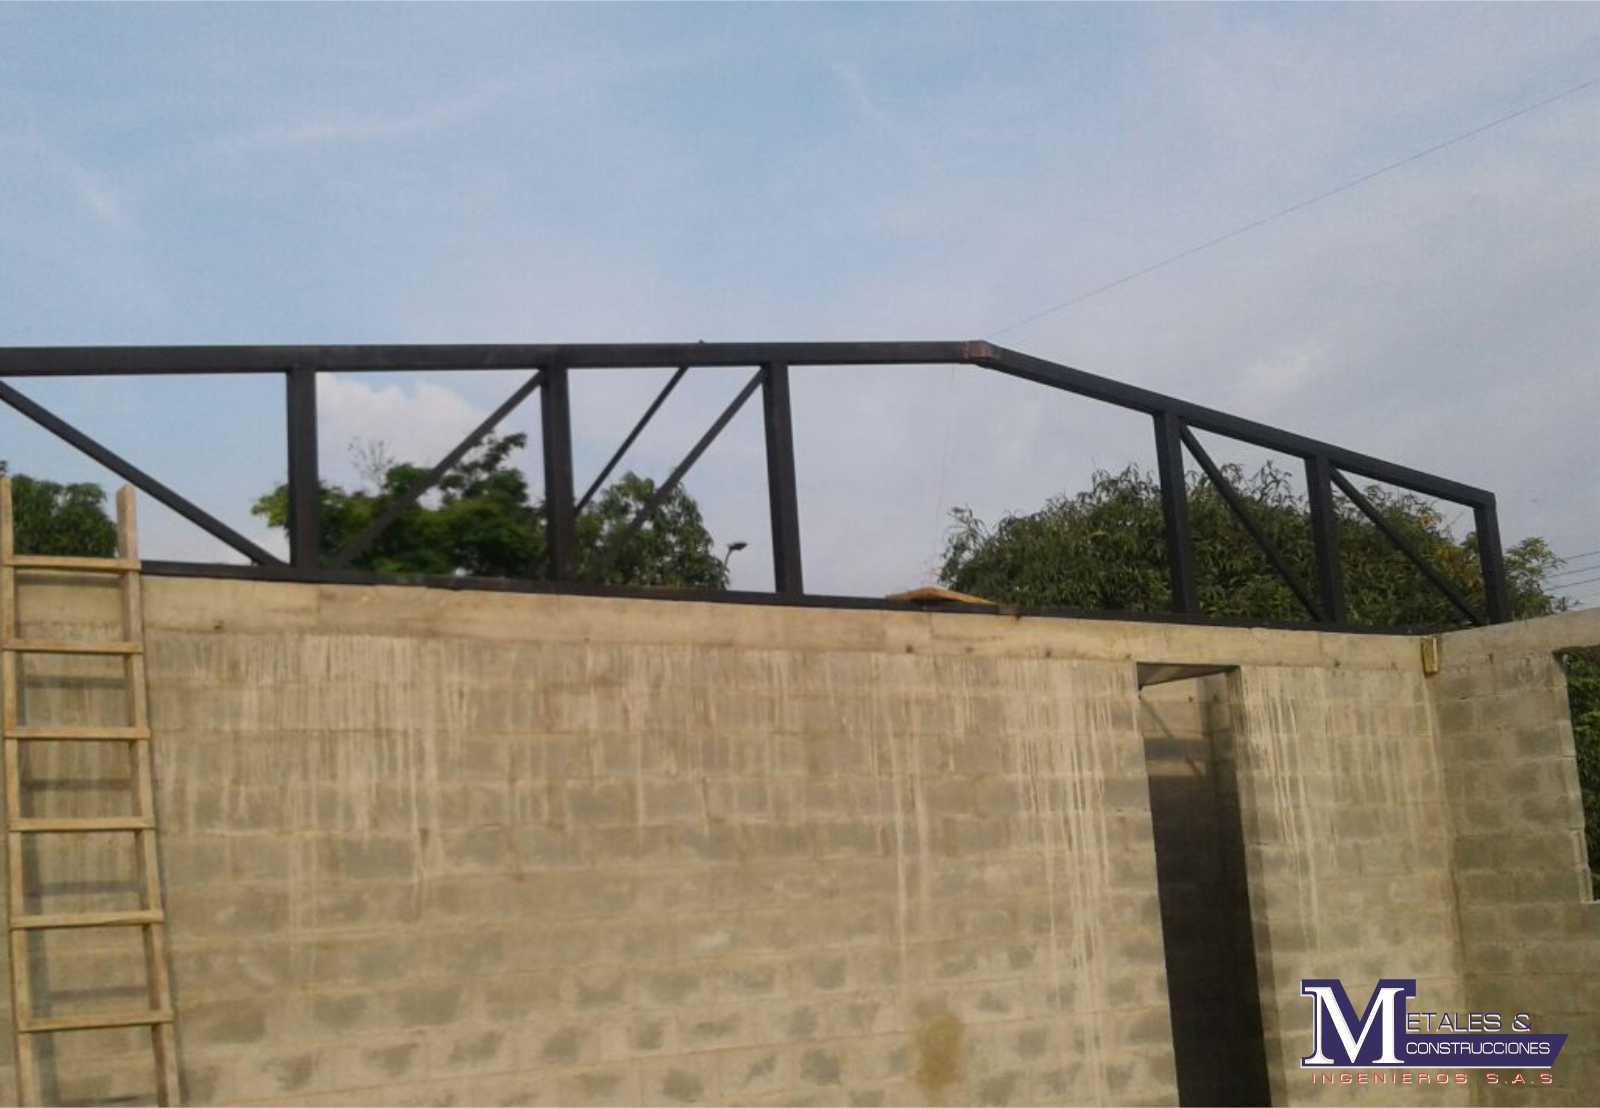 Estructuras Metales y construcciones 2001